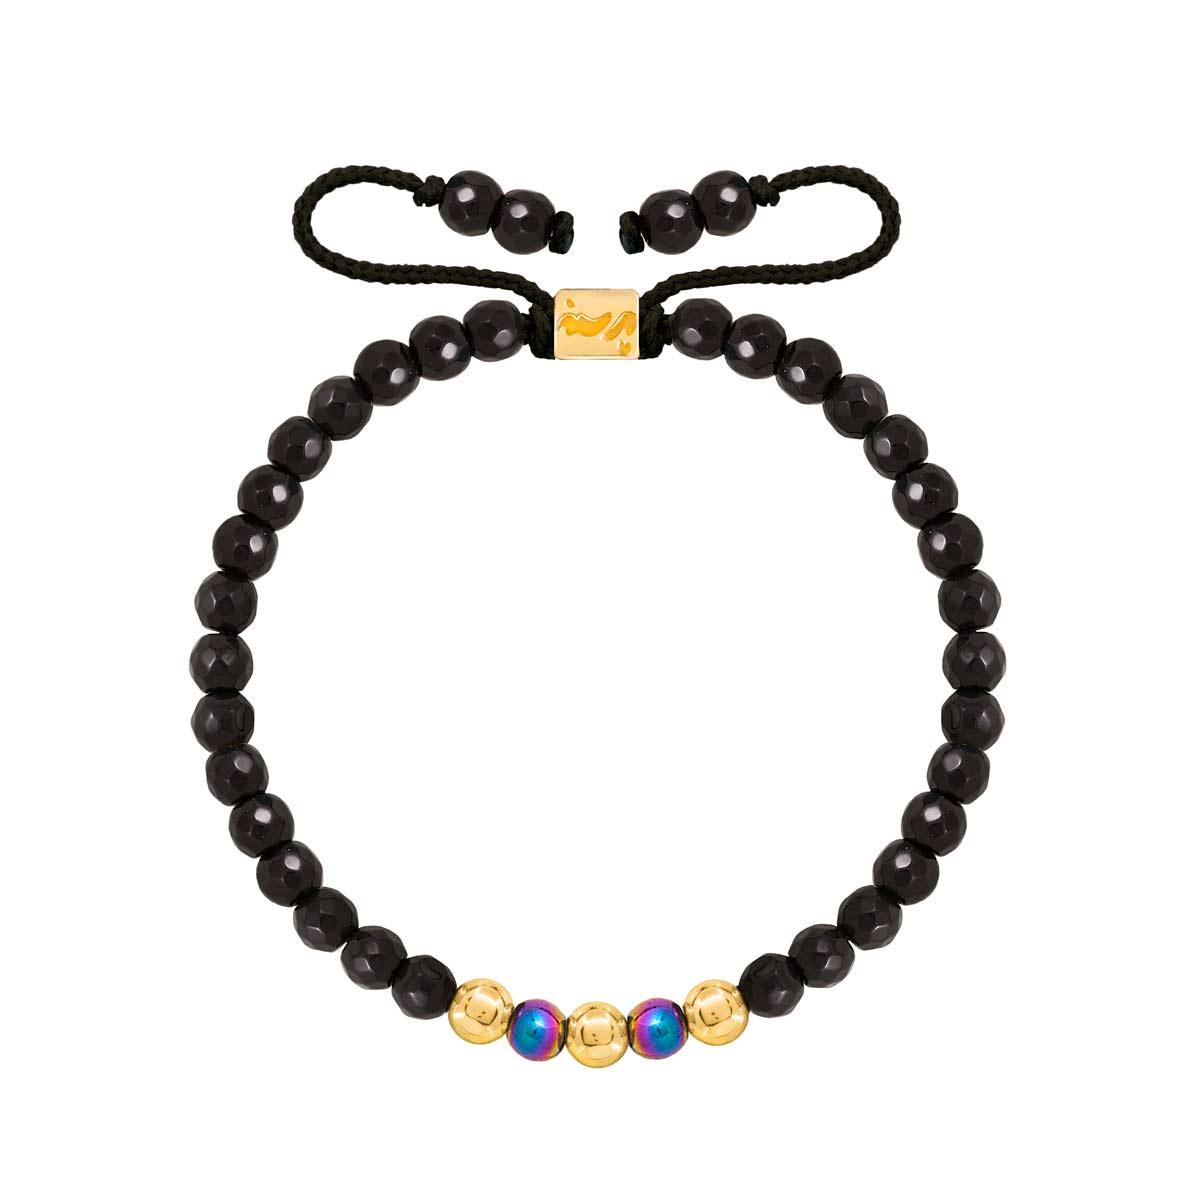 دستبند طلا سنگی سه گوی و اونیکس تراش دار